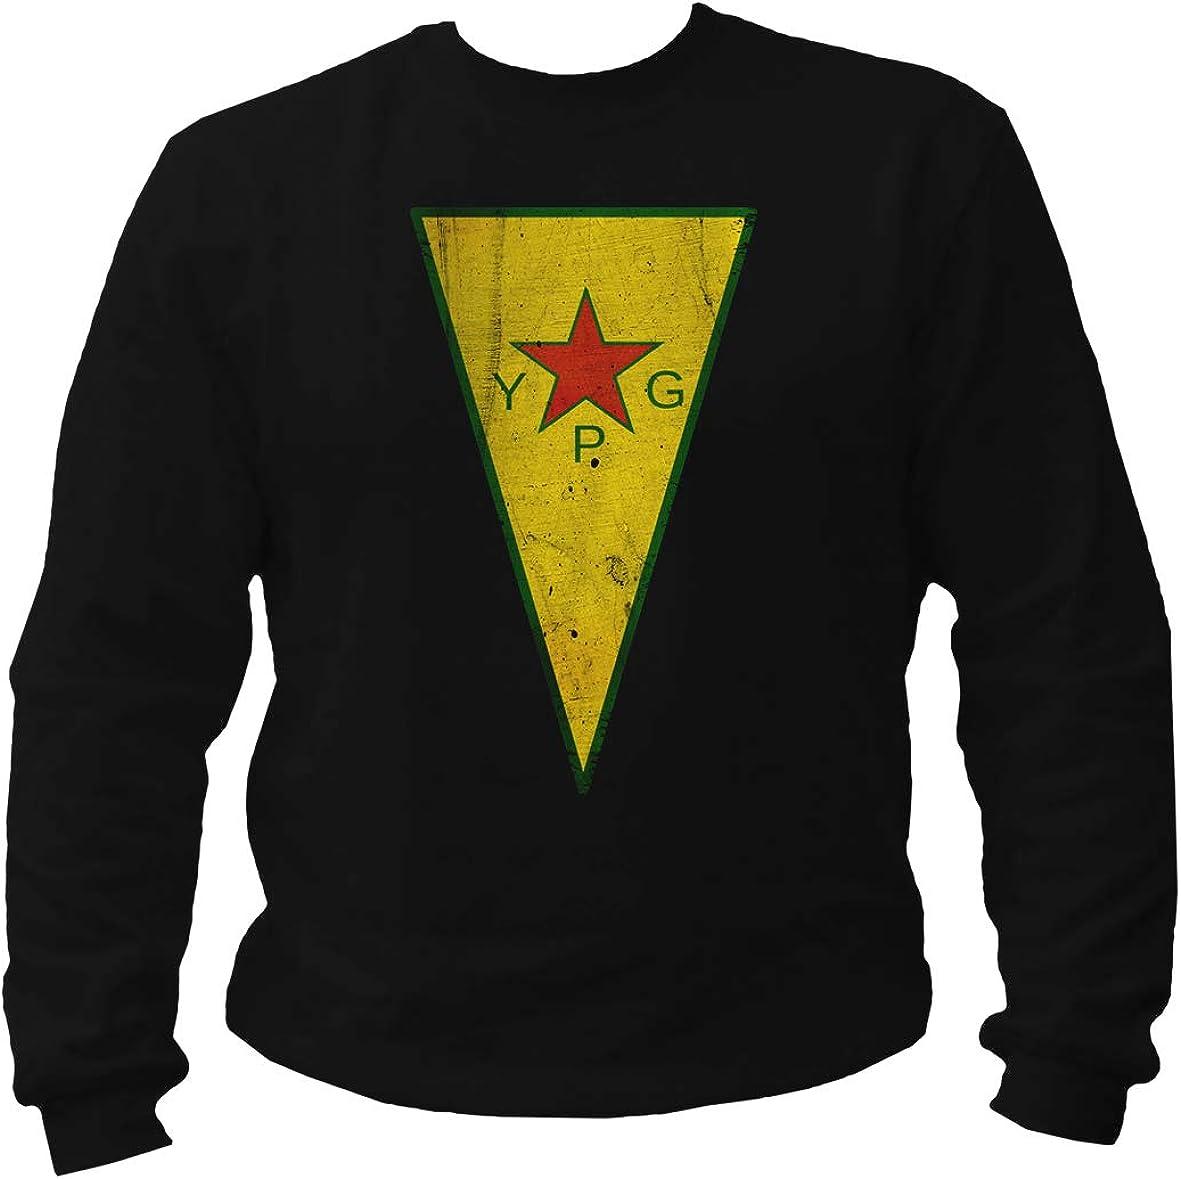 pro-Camicia YPG Sweatshirt